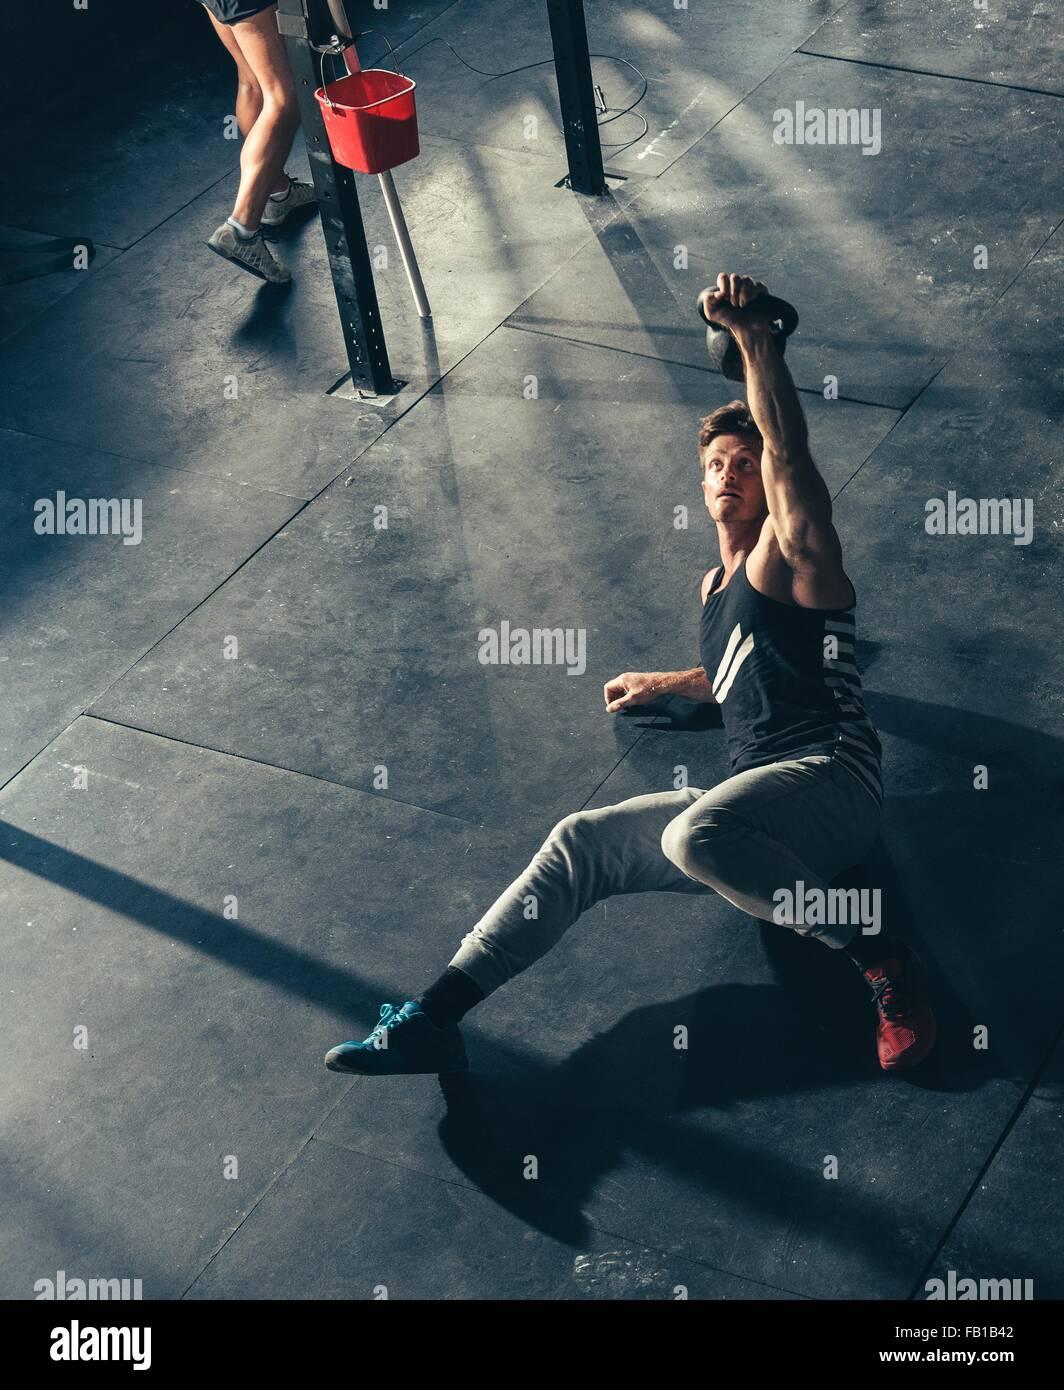 Elevato angolo di visione dell'uomo allenamento con kettlebell in palestra Foto Stock